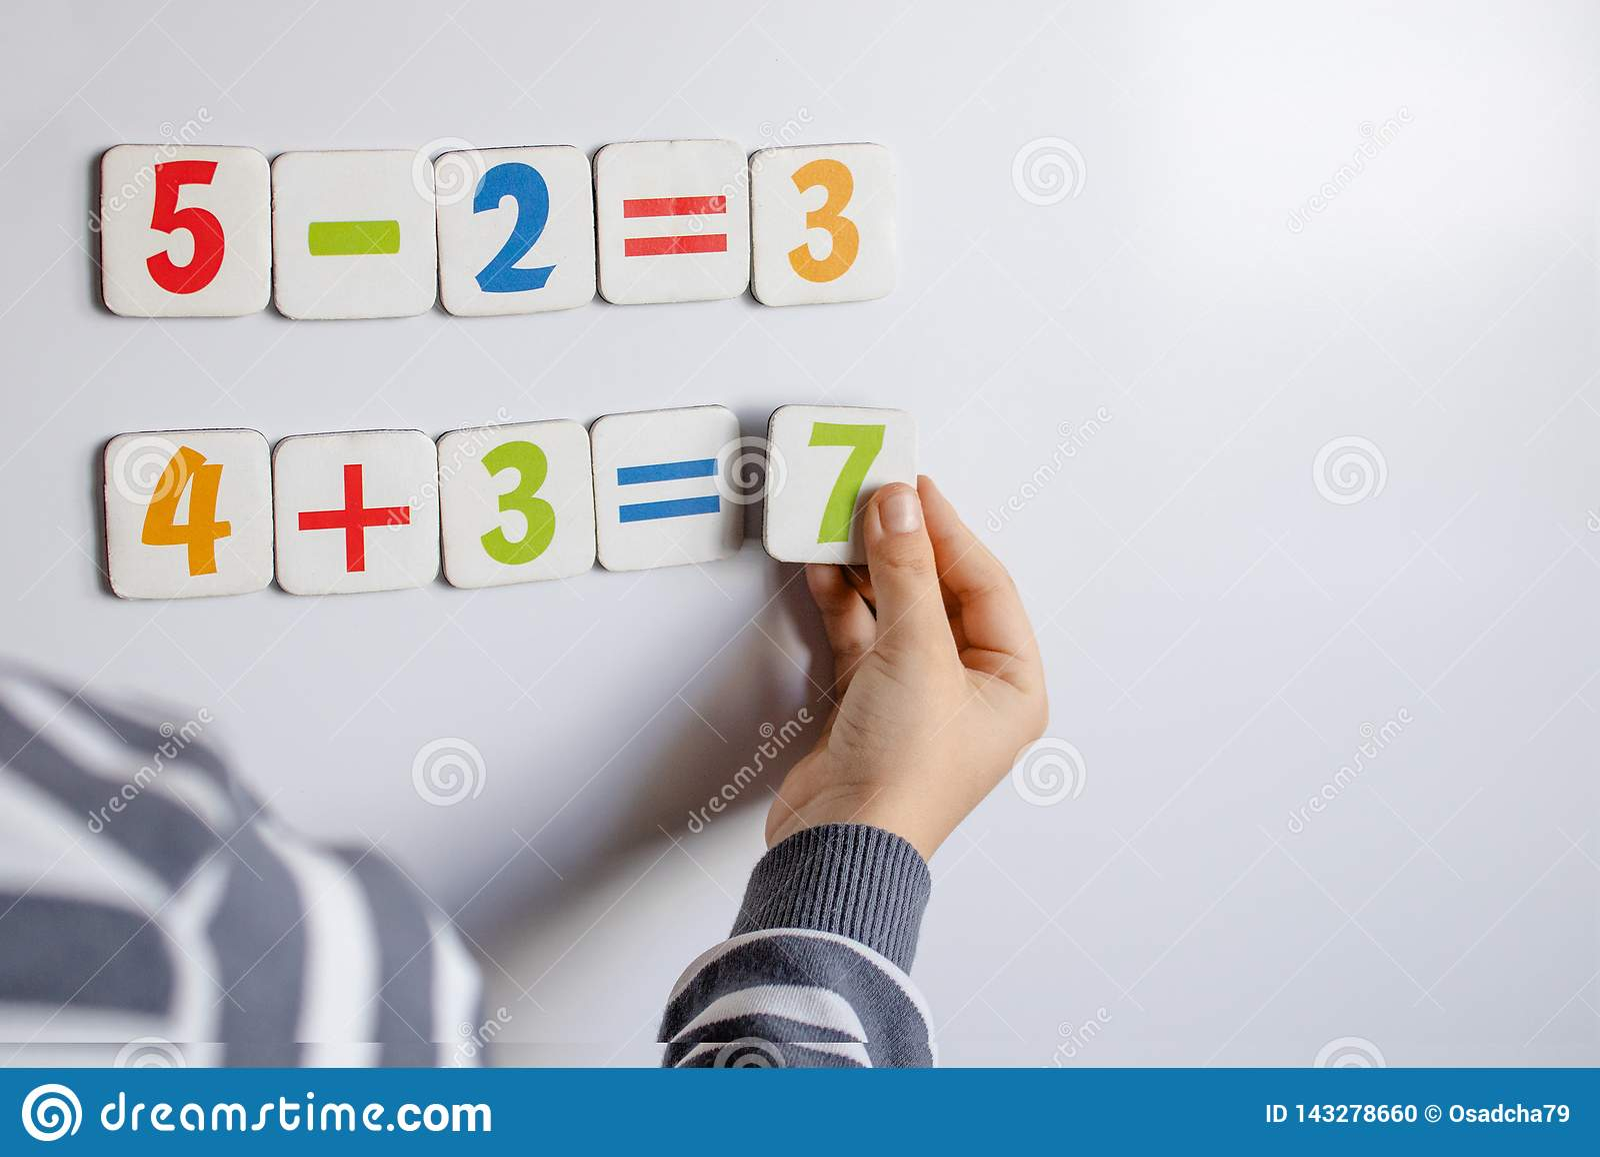 Der Junge löst mathematische Beispiele Ein Kind löst Beispiele auf einer Tafel